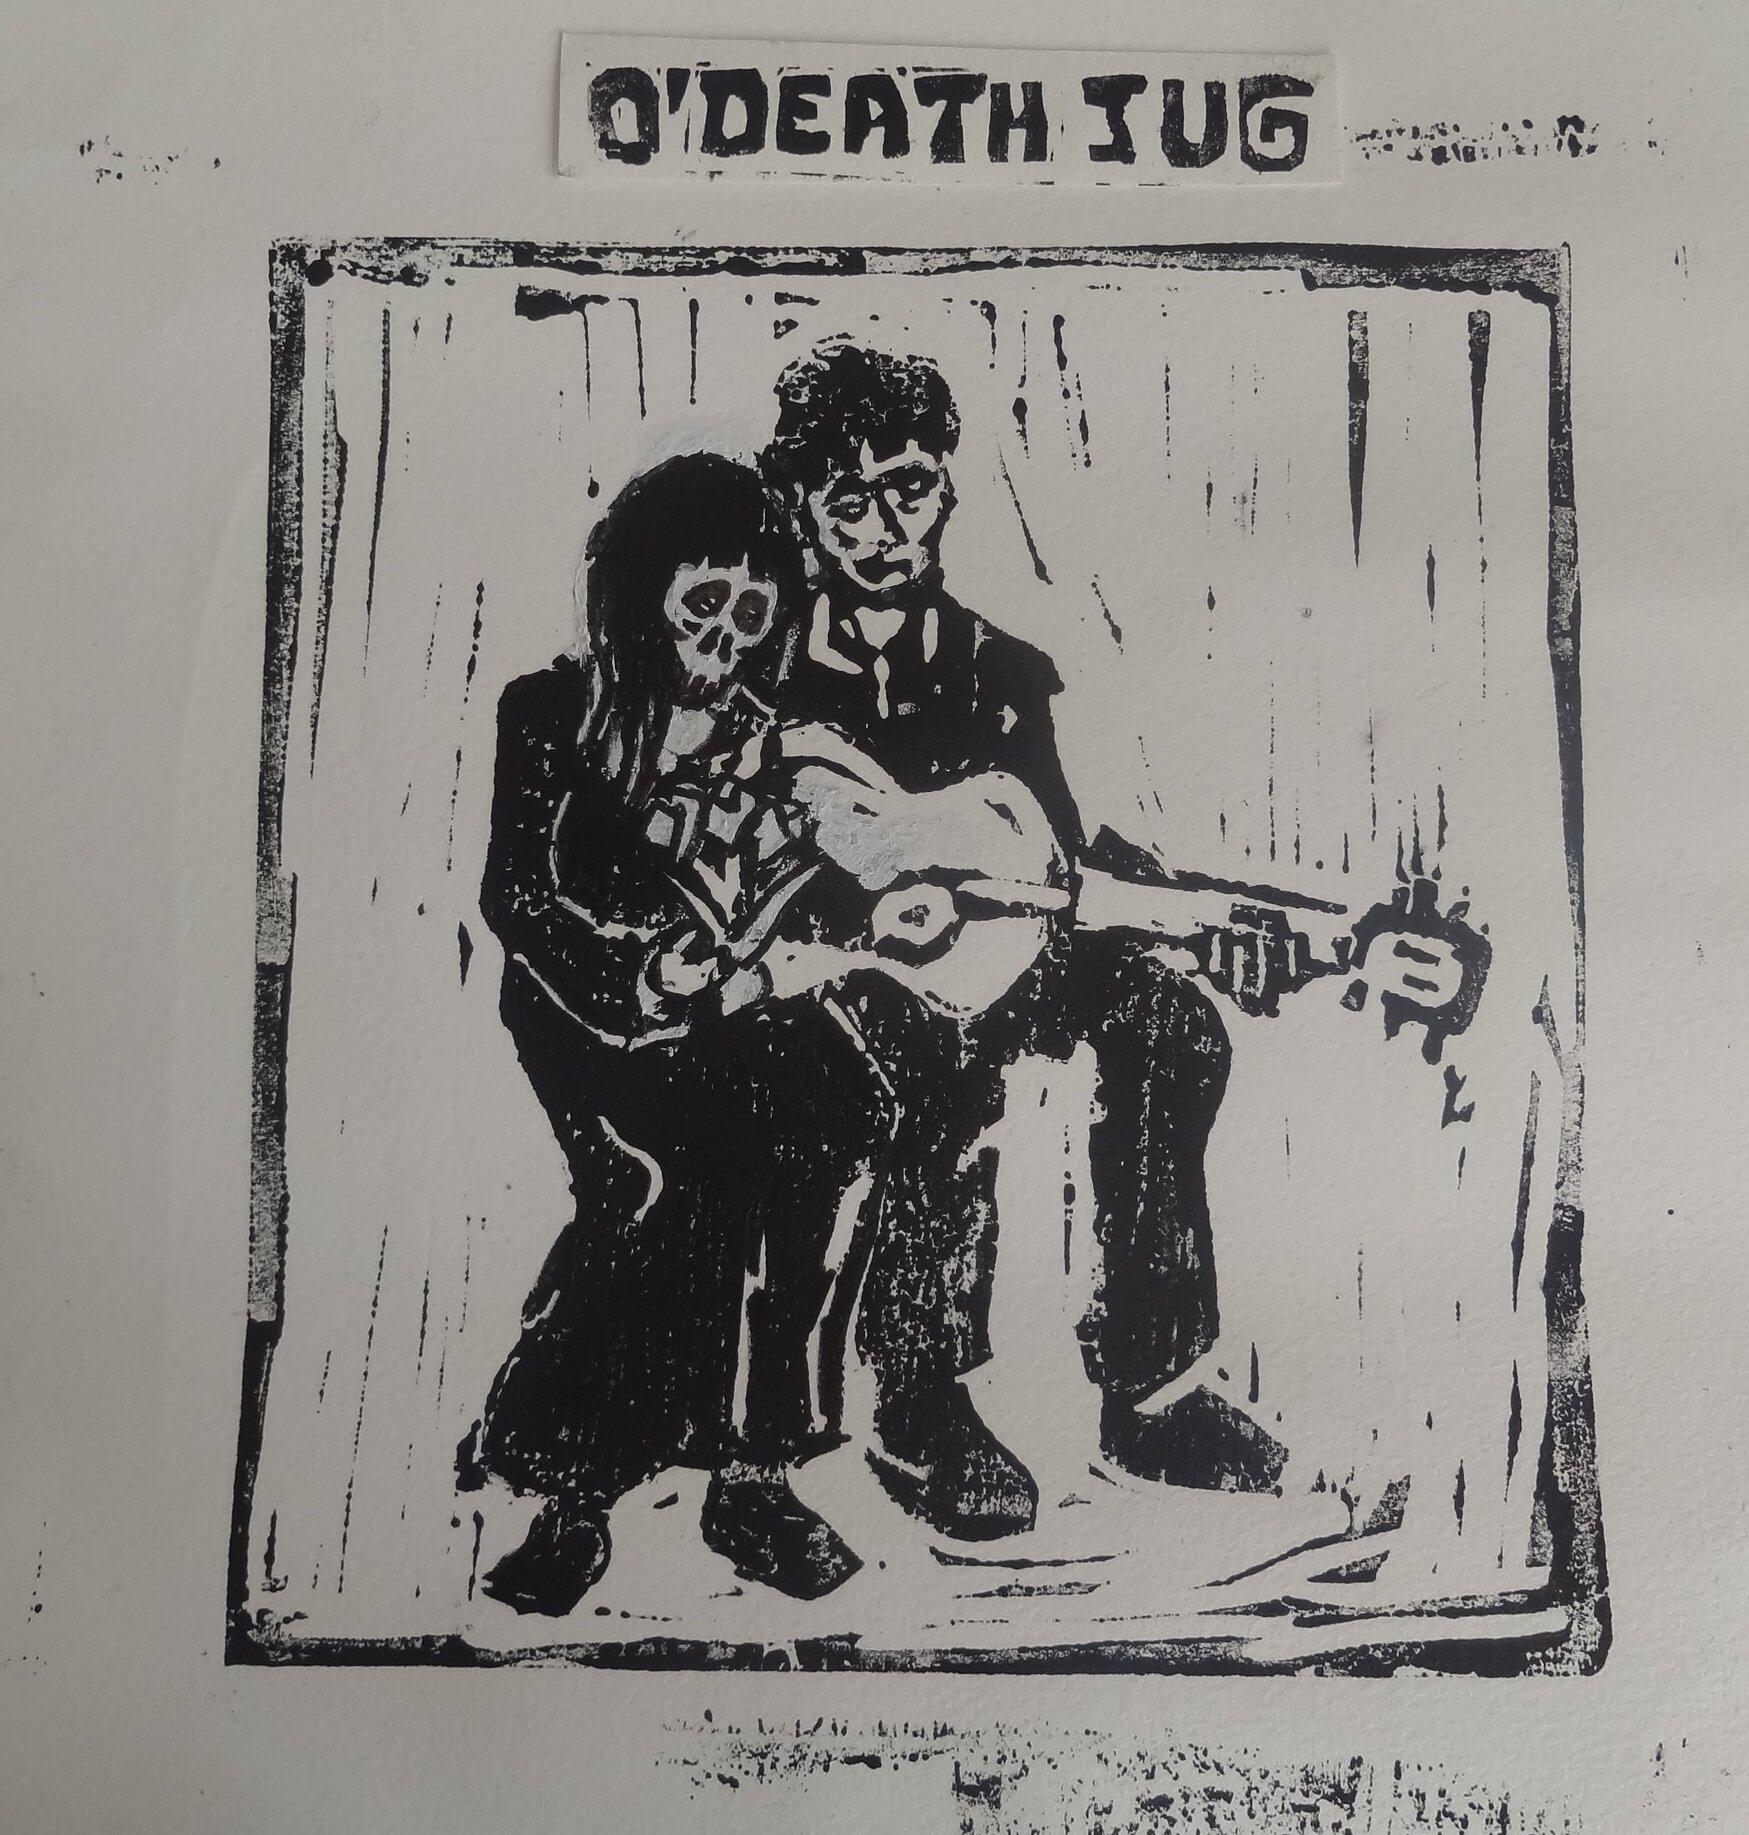 o death jug